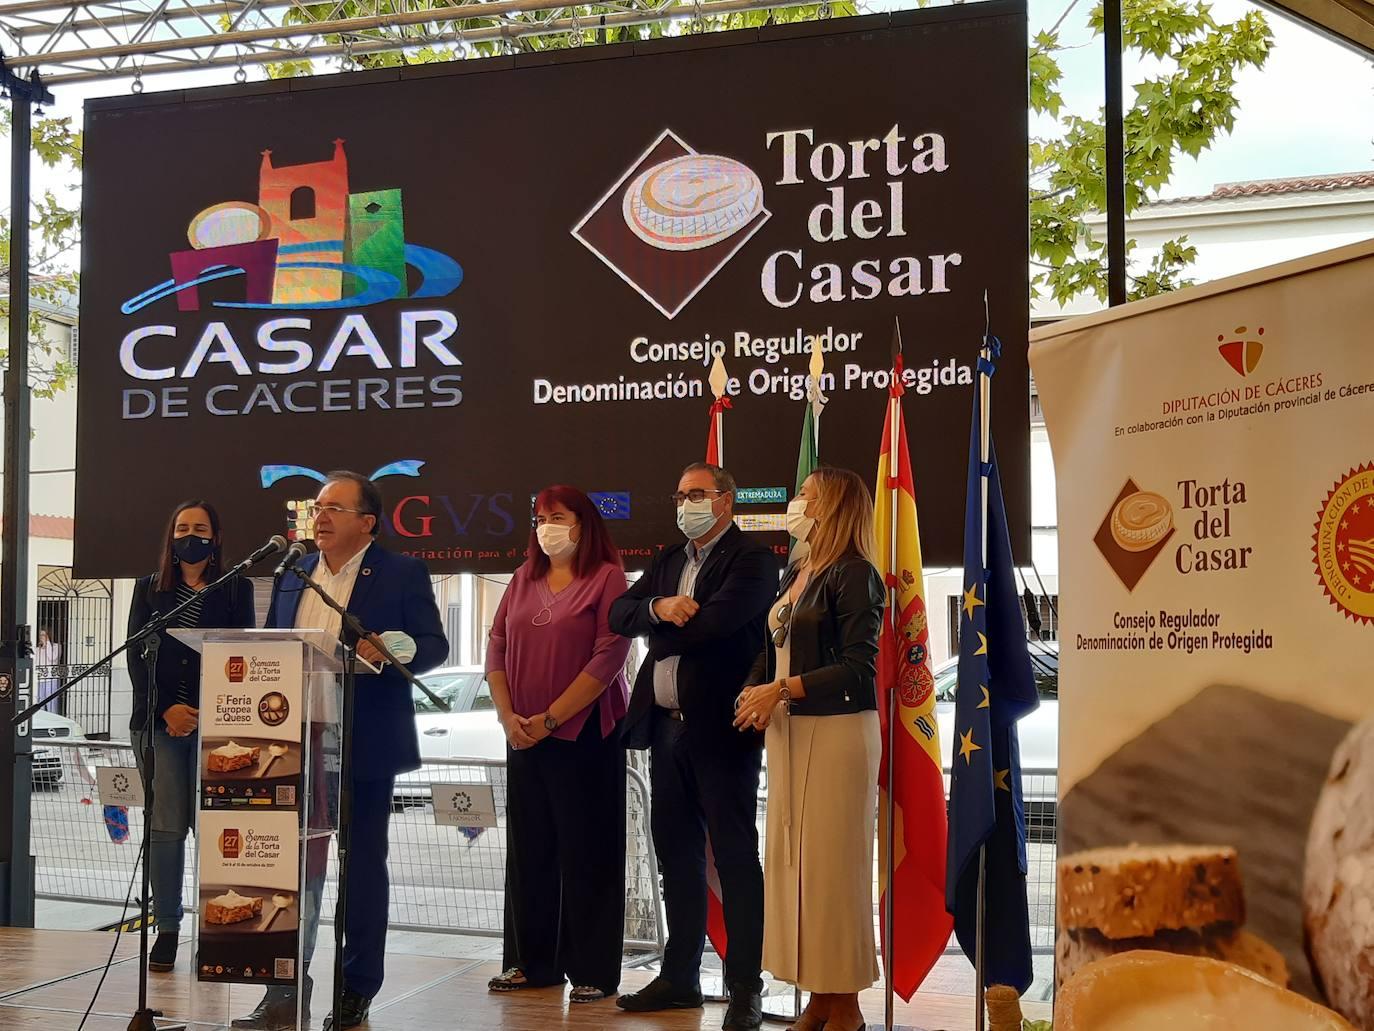 Arranca la V Feria Europea del Queso de Casar de Cáceres